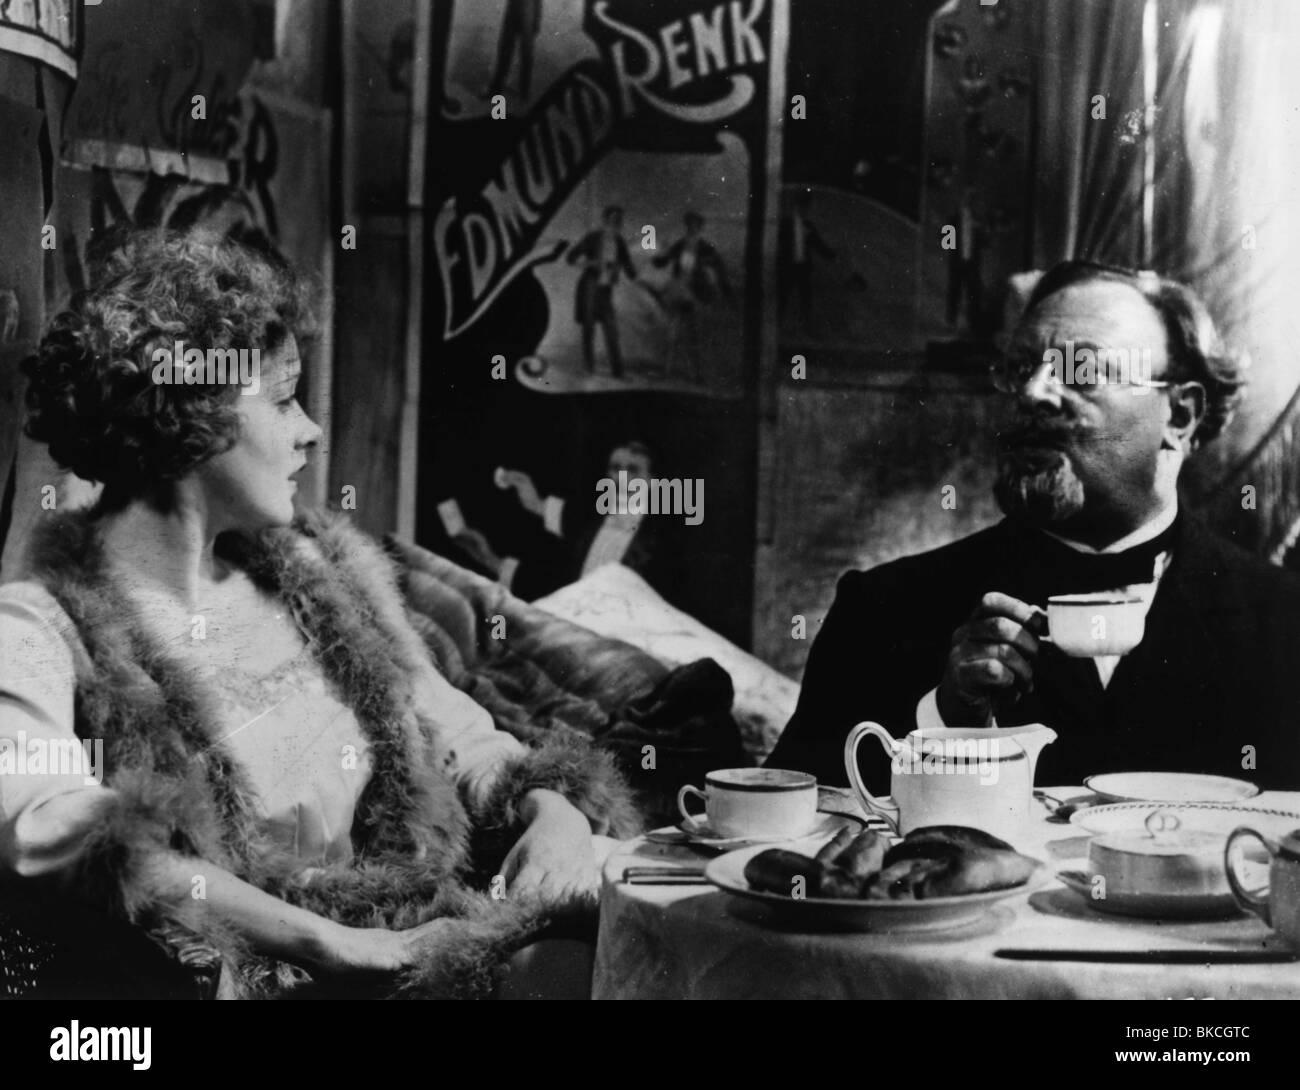 DER BLAUE ENGEL (1930) DER BLAUE ENGEL MARLENE DIETRICH, EMIL JANNINGS BLAN 003P Stockbild